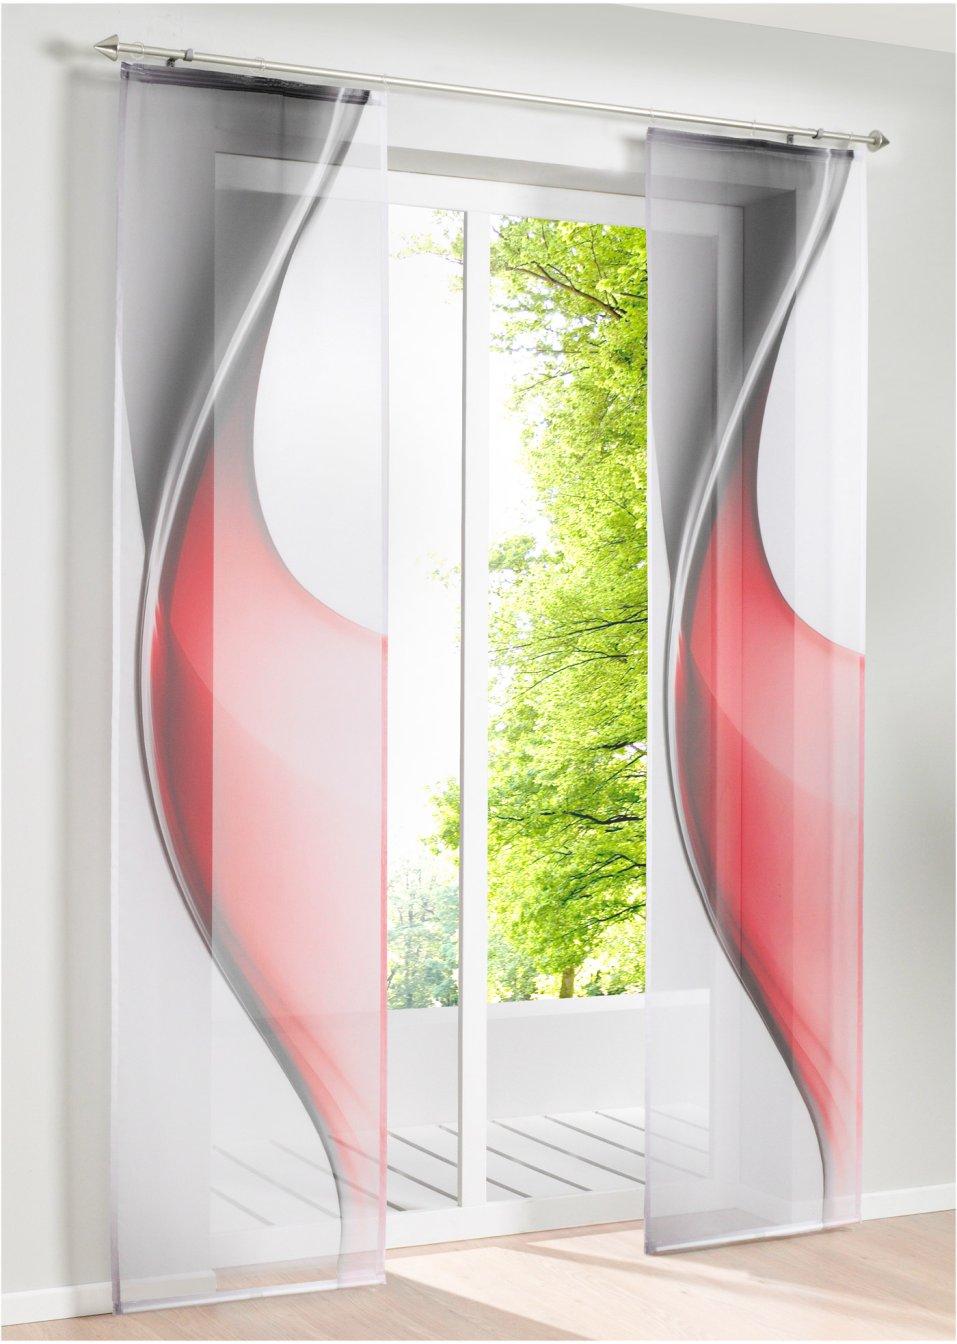 Tenda a pannello lia guida con velcro rosso casa - Bonprix casa tende ...